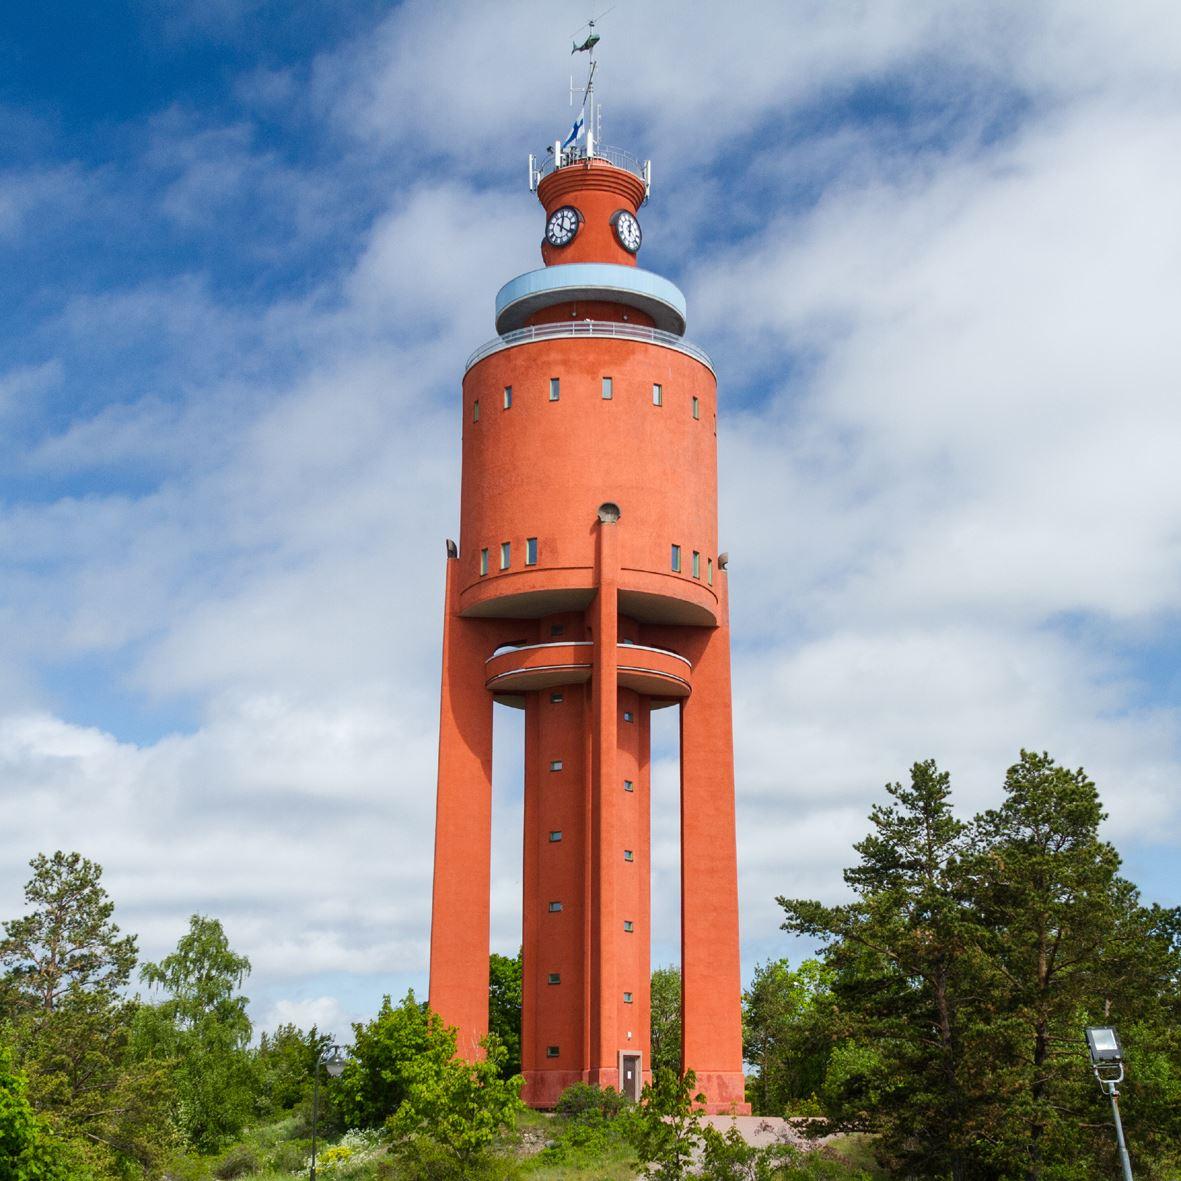 Suomenkielinen opastus: Hanko vesitornista katsoen